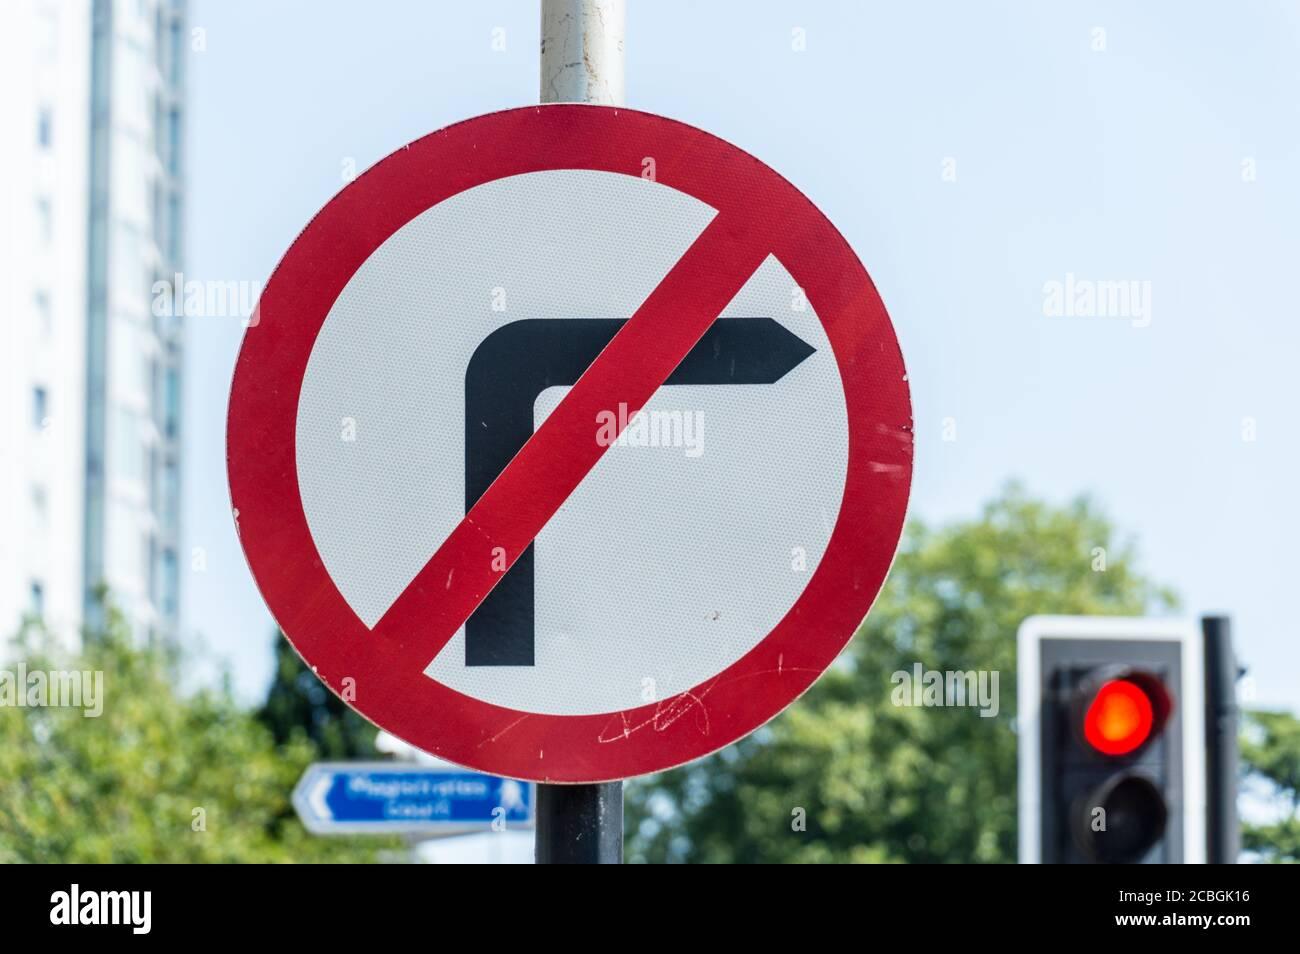 right-turn-prohibited-road-sign-uk-2CBGK16.jpg